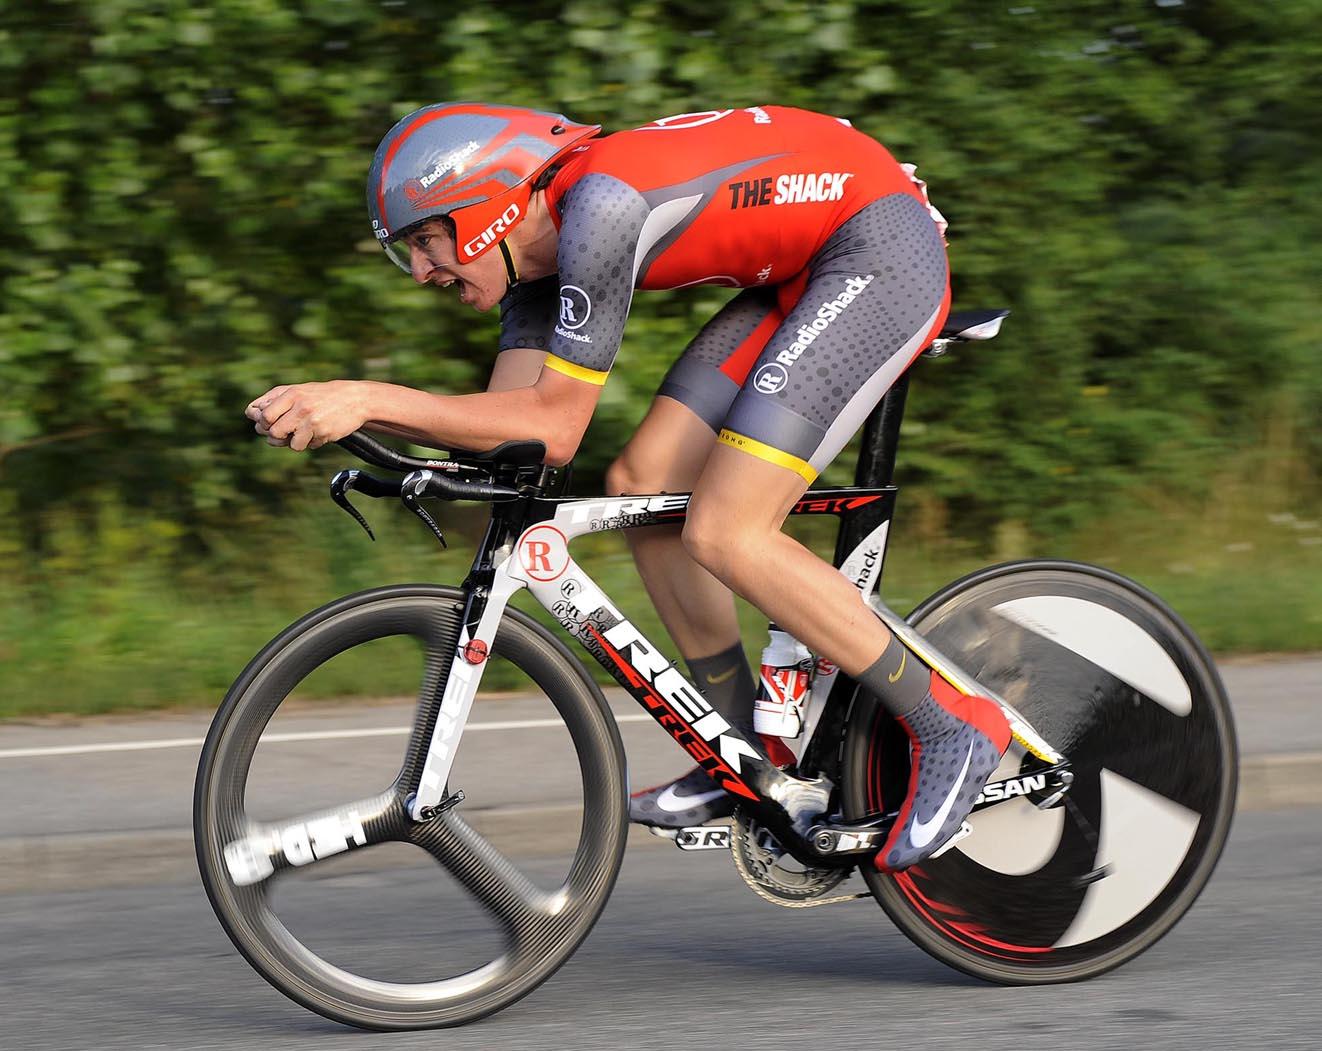 Jesse Sergent, Tour of Denmark 2010, stage 5 TT